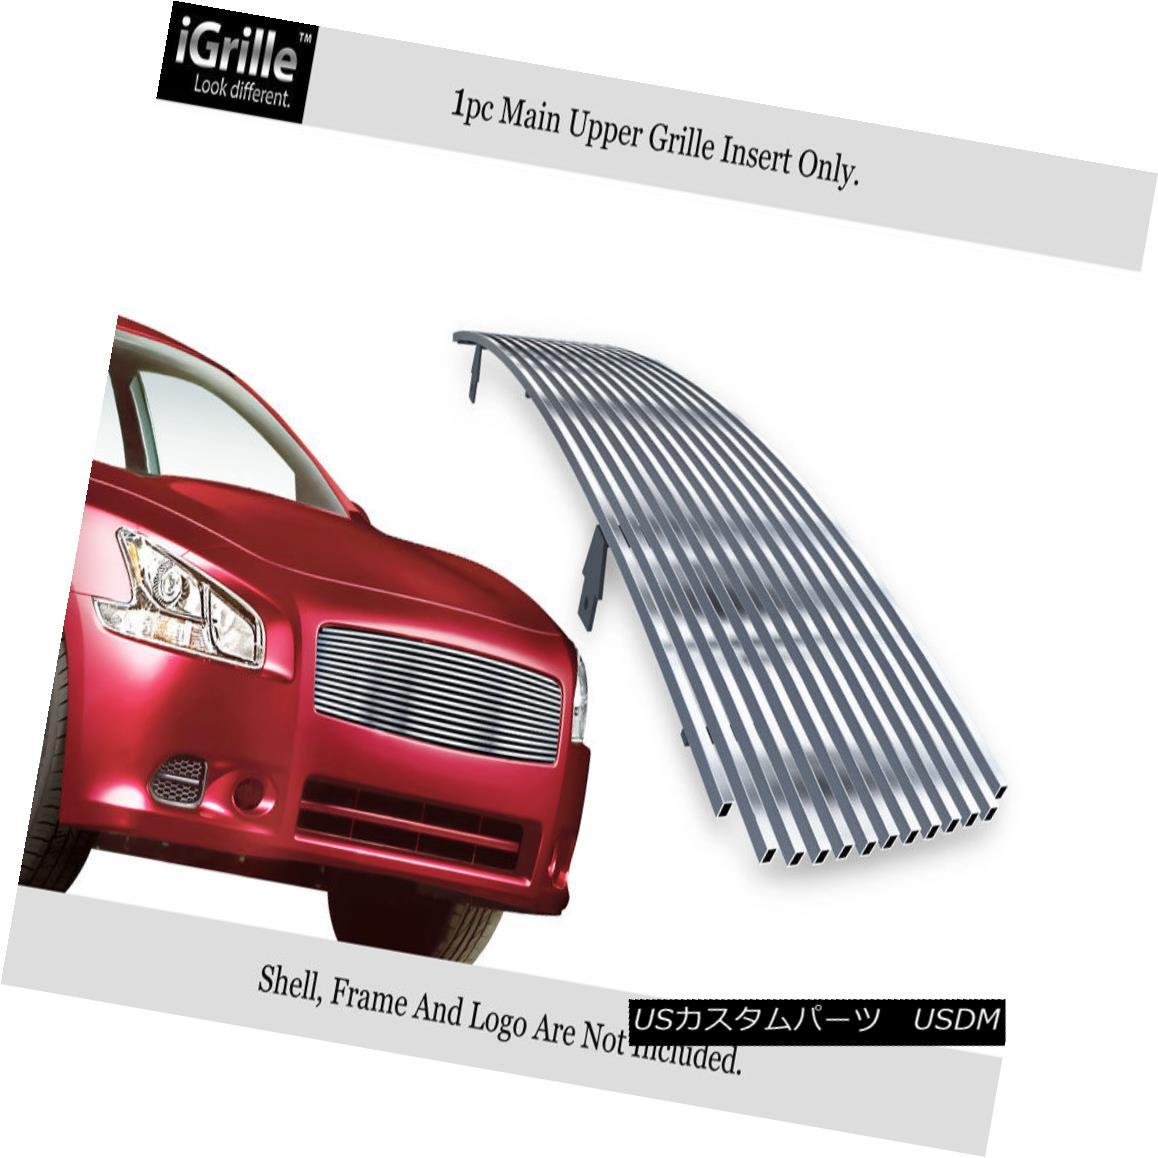 グリル For 2009-2014 Nissan Maxima Upper Stainless Steel Billet Grille Grill Insert 日産マキシマアッパーステンレス鋼ビレットグリルグリルインサート